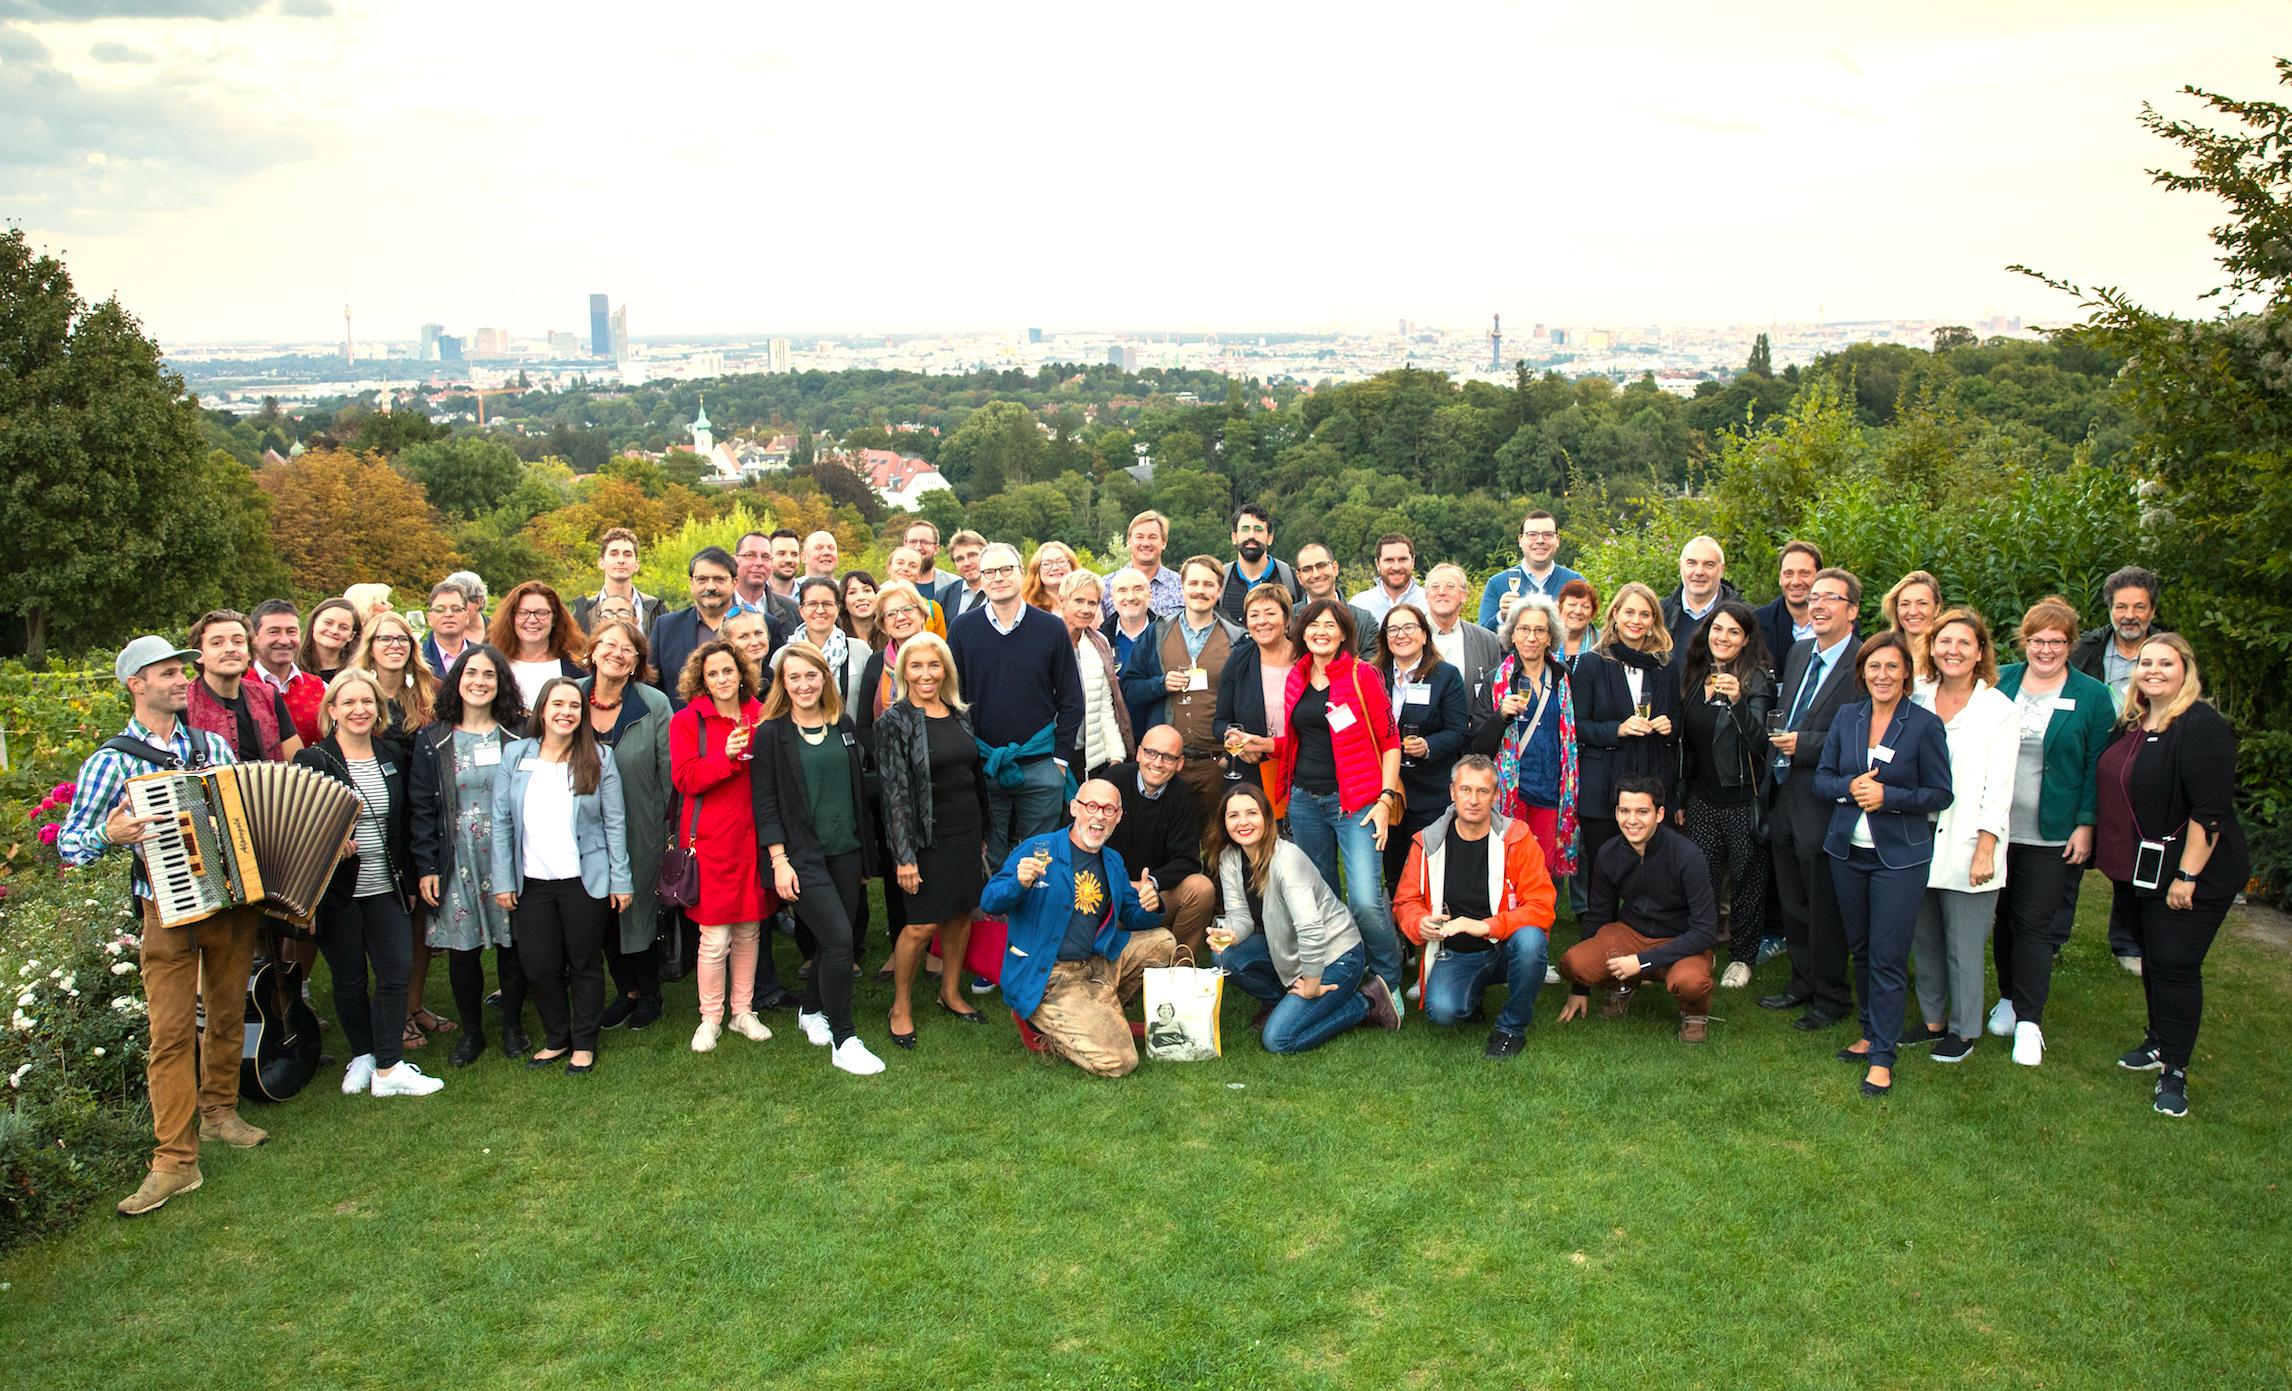 Abendveranstaltung im Rahmen der BIOFACH 2020 und VIVANESS 2020 Presseveranstaltung am 17. September 2019 in Wien.